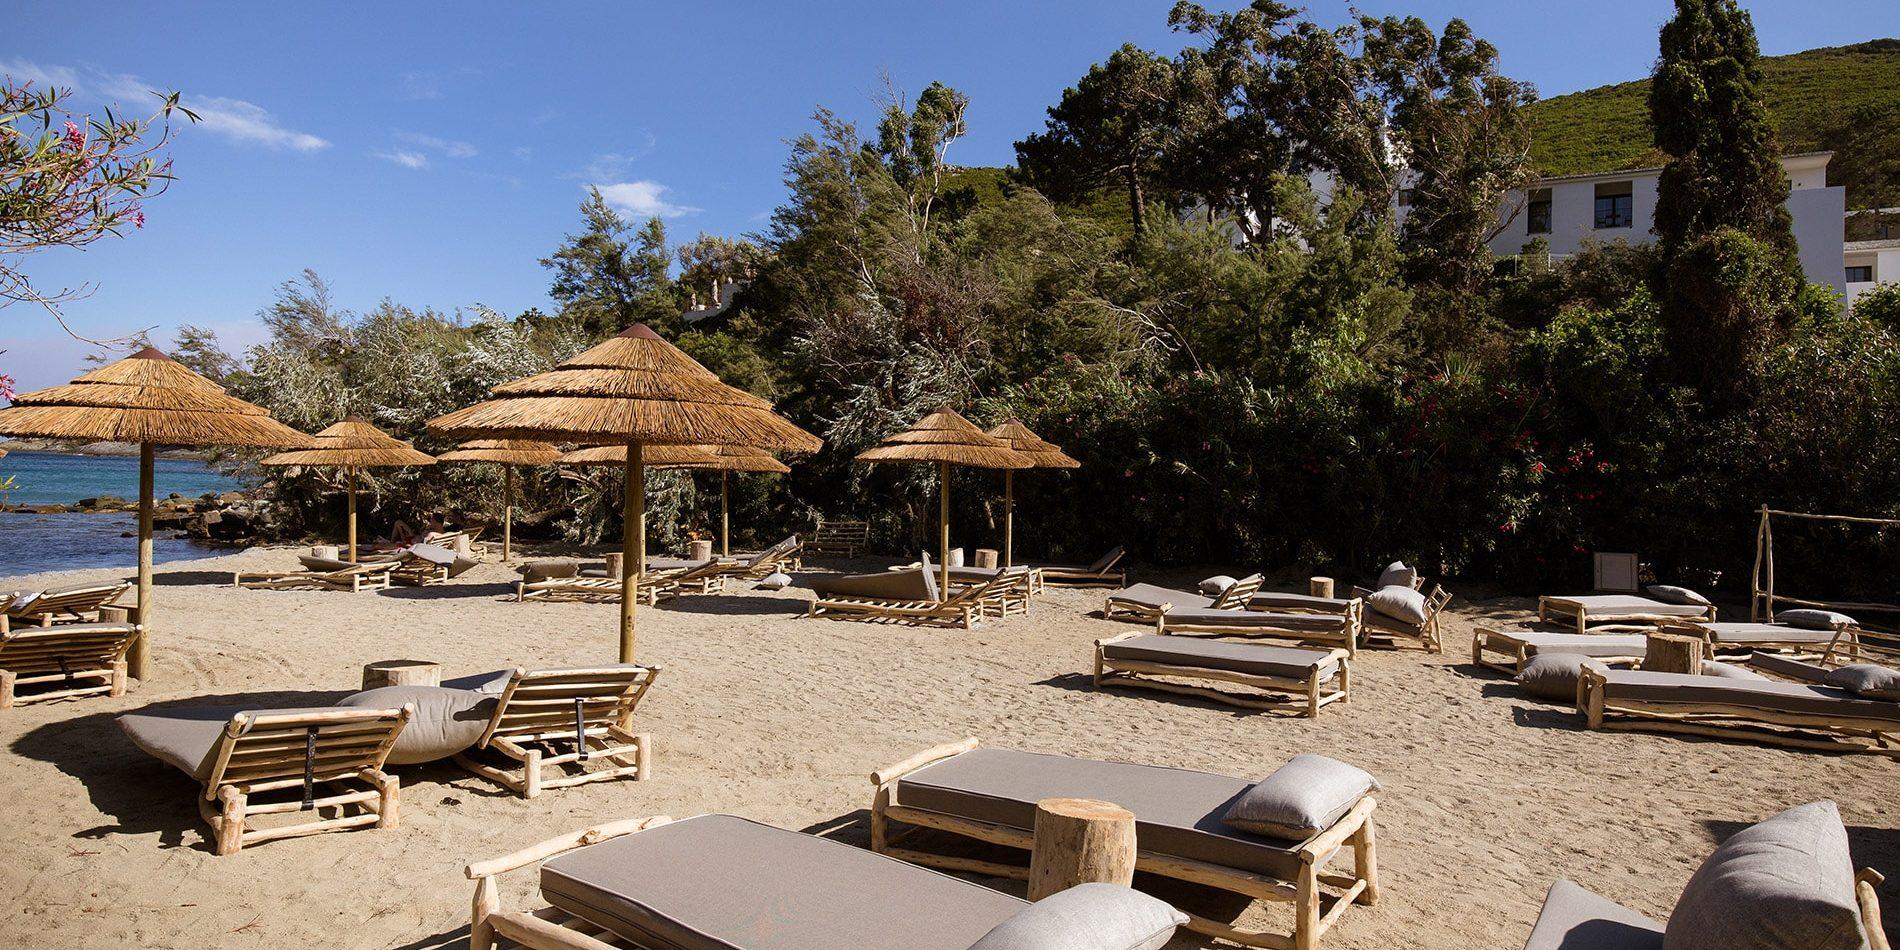 Hotel Misincu Cagnano Cap Corse Corsica Frankrijk privéstrand parasols zee ligbedden paillottes